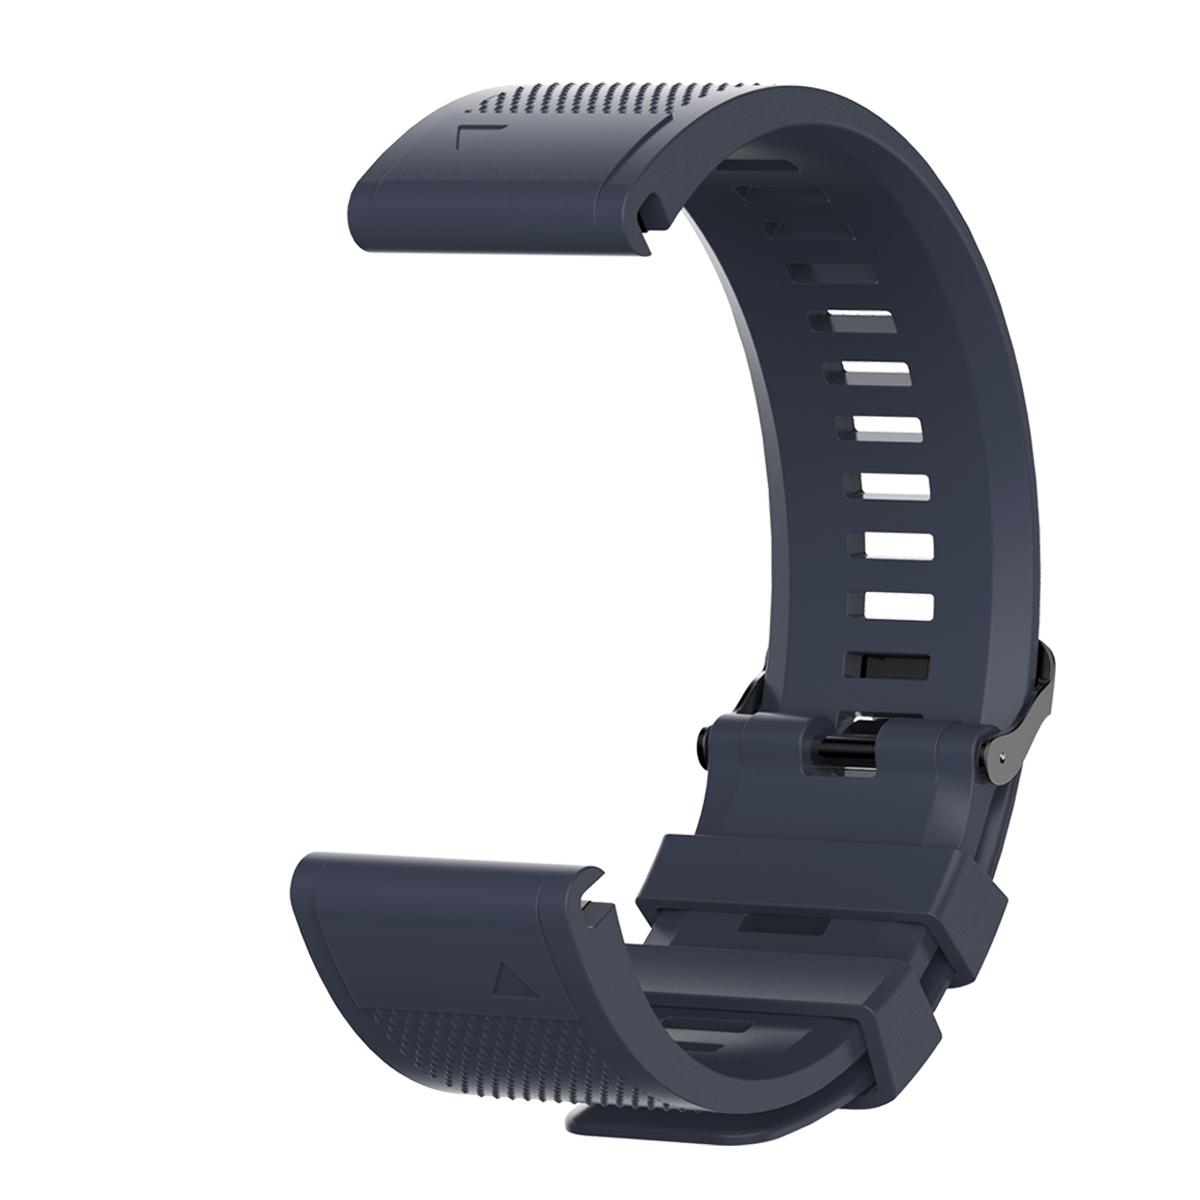 限時優惠 清風數碼 Garmin 佳明 quatix5/quatix5 sapphire 手錶帶 硅膠腕帶 原裝款 運動型 替換腕帶